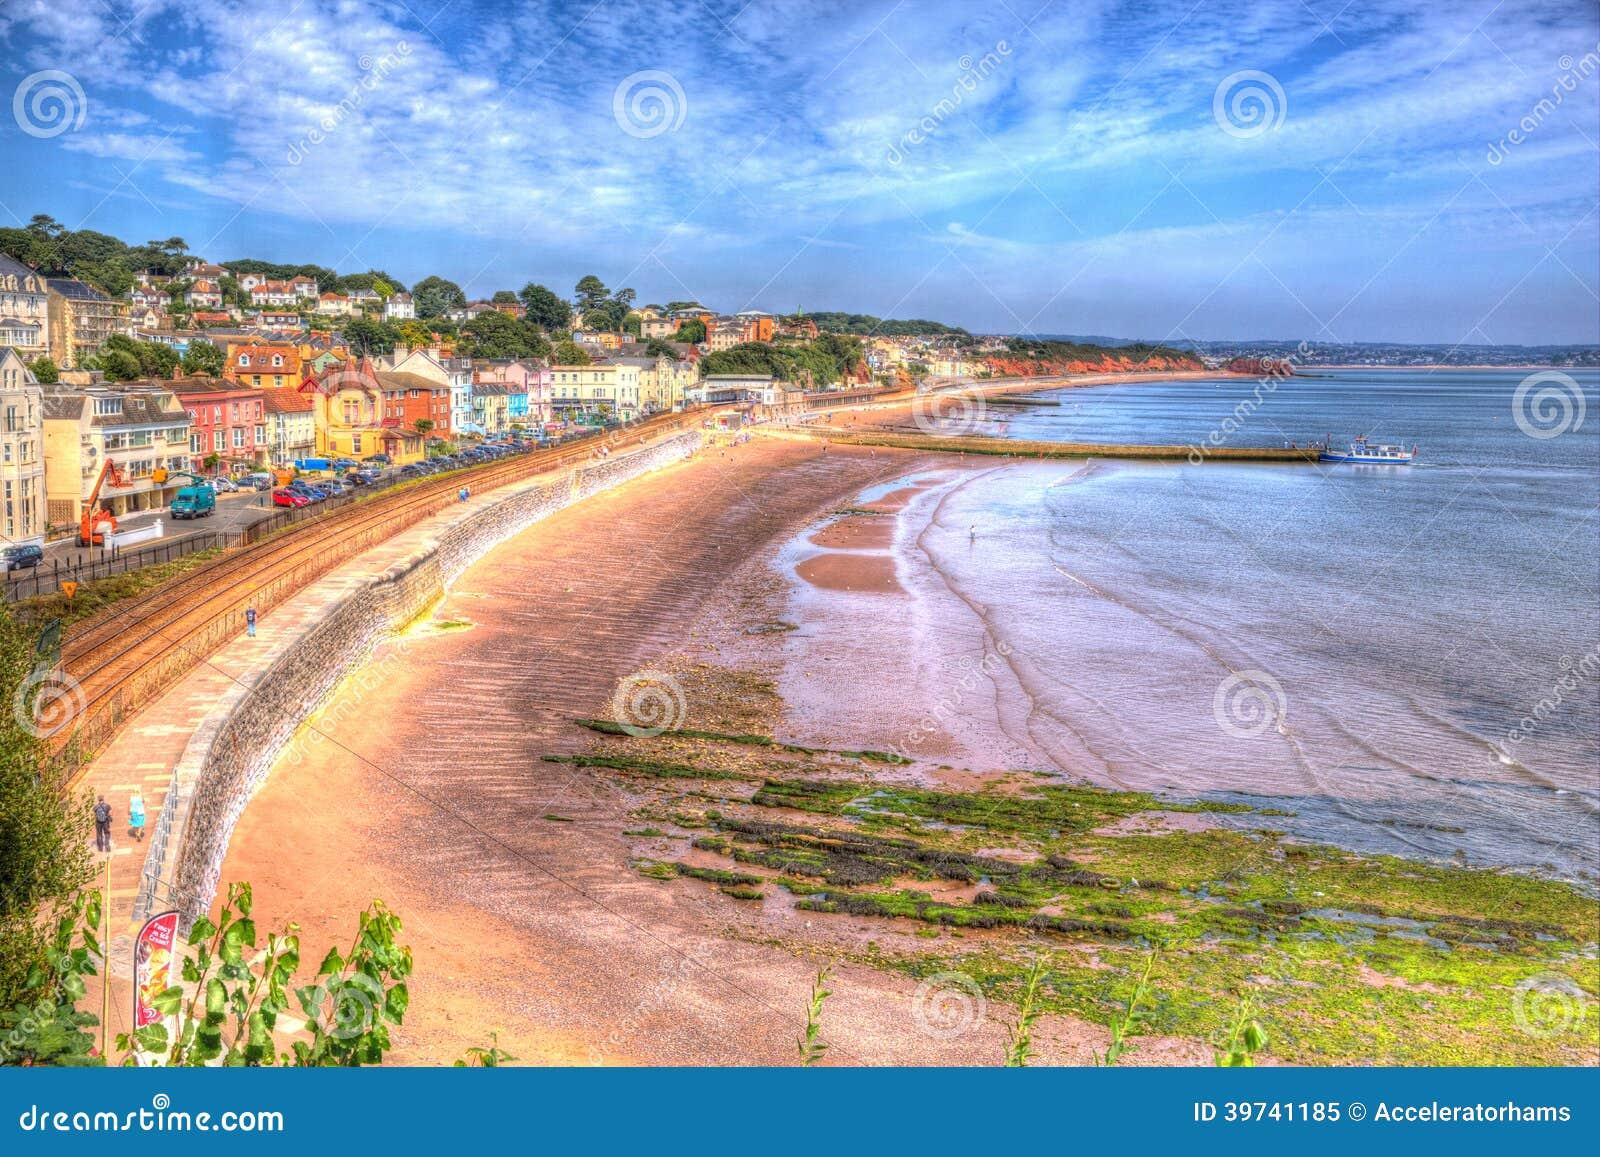 Dawlish Devon England con la pista ferroviaria y el mar de la playa el día de verano del cielo azul en HDR